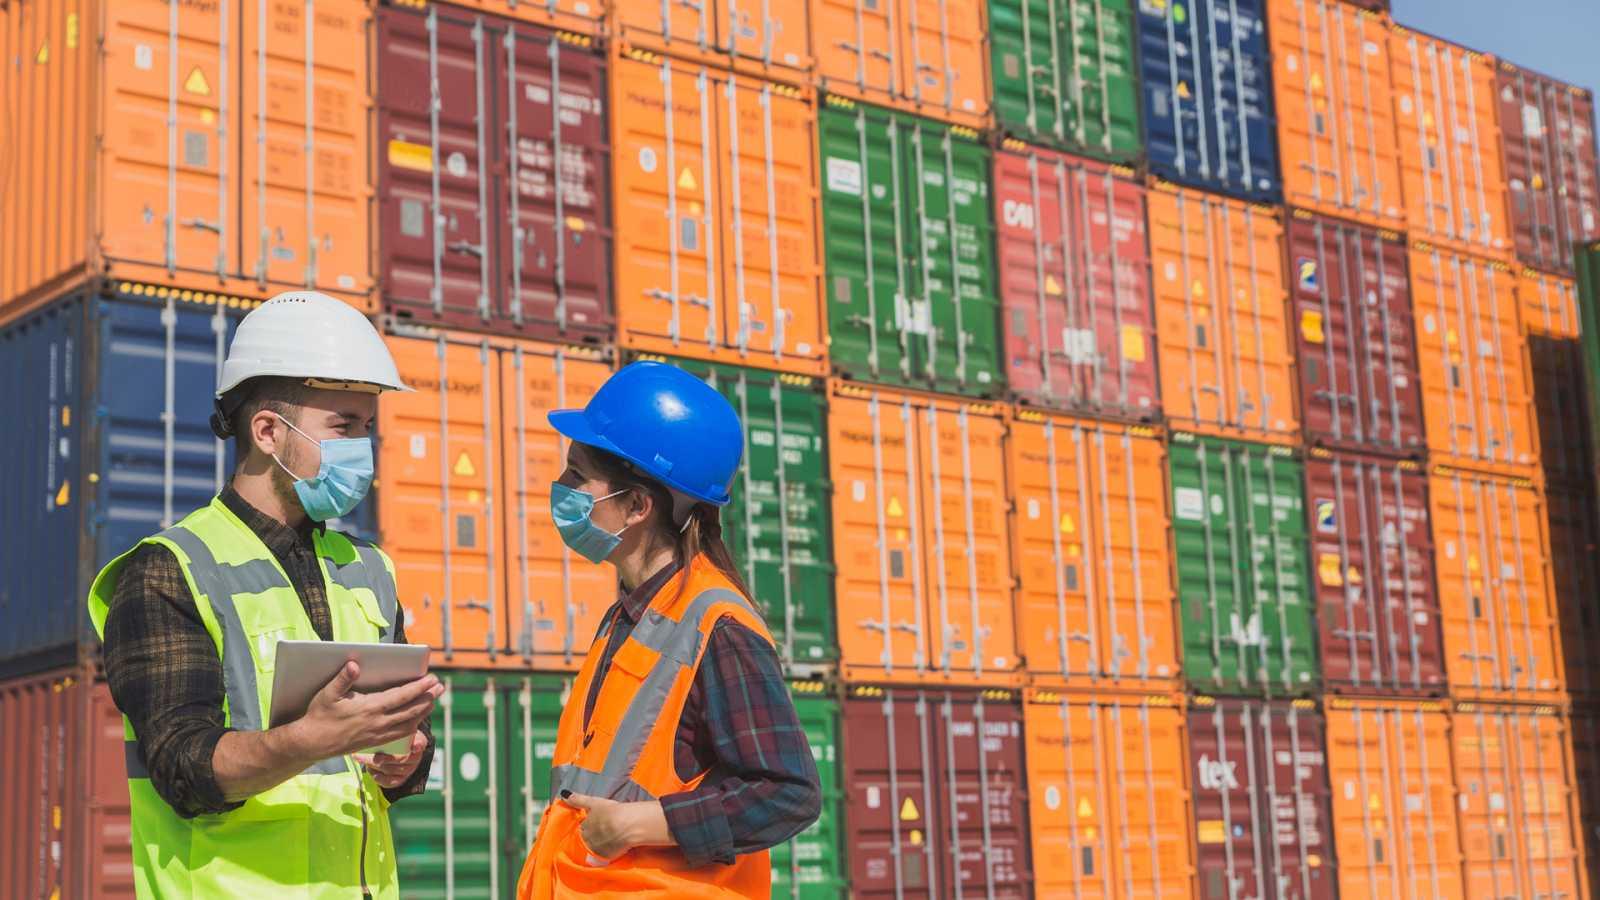 Marca España - ¿Cómo está afectado la COVID-19 a las exportaciones españolas? - 26/10/20 - escuchar ahora